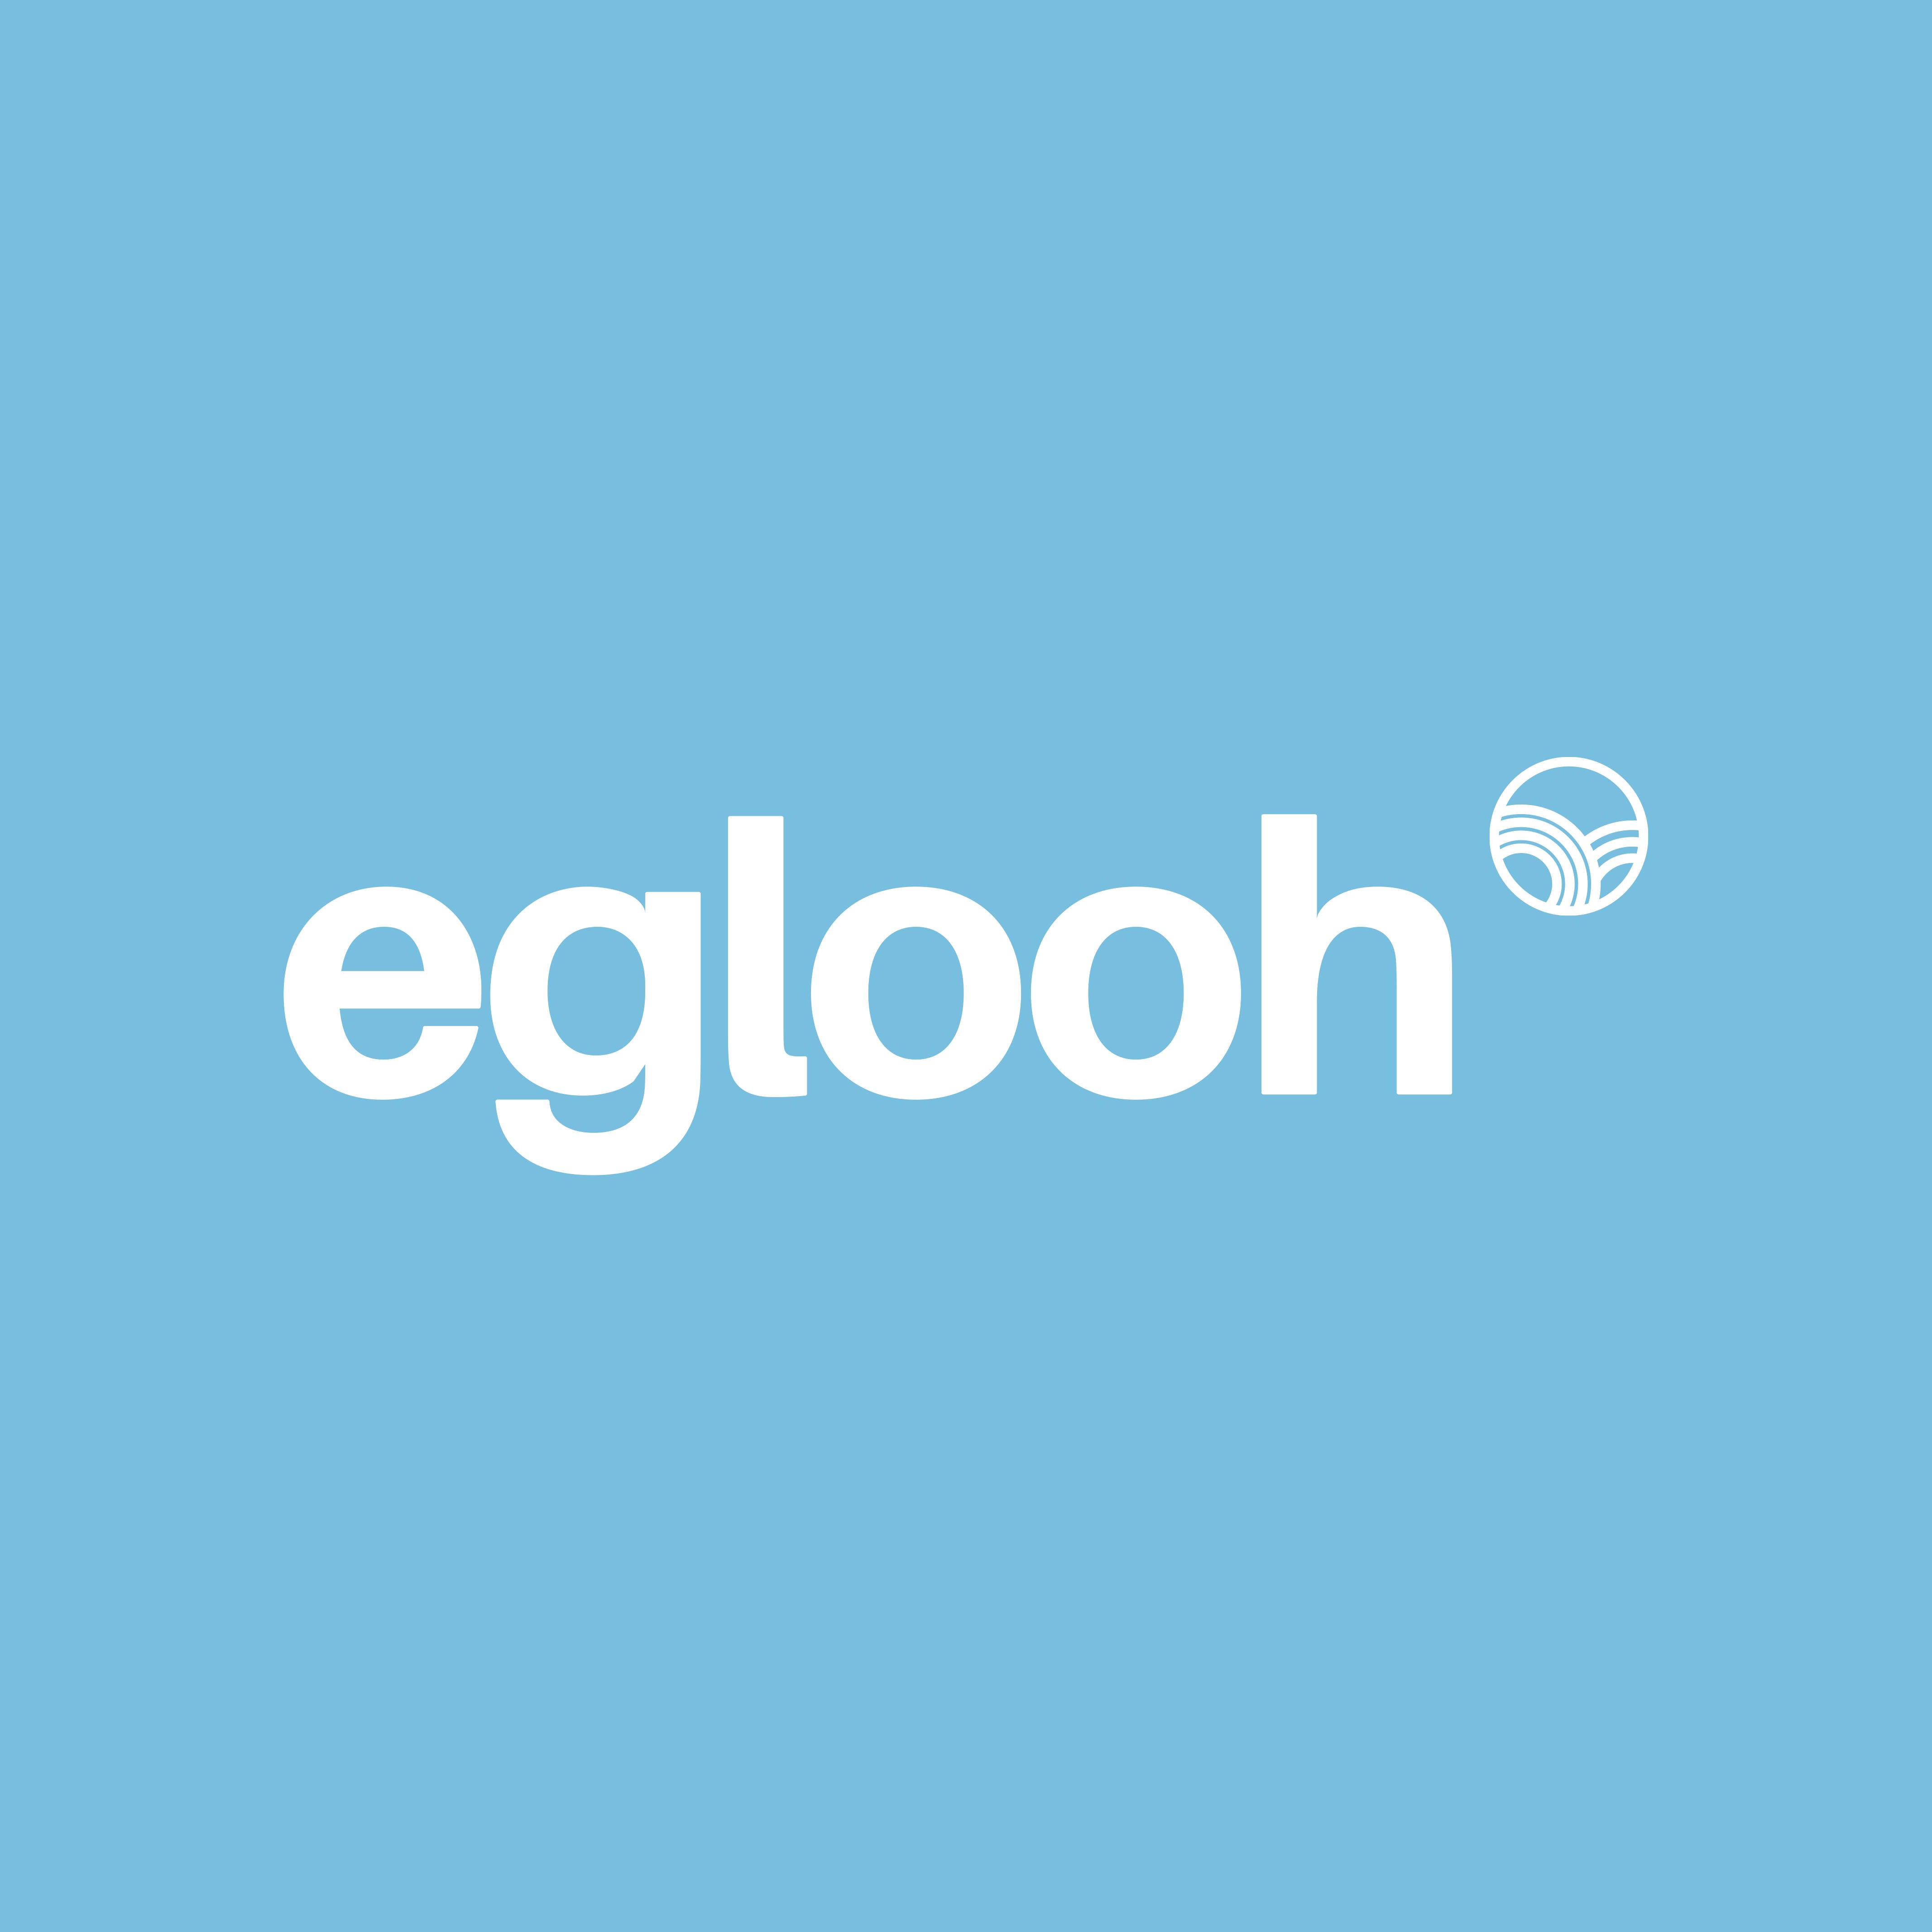 Eglooh-Pelletteria-Design-Ufficio